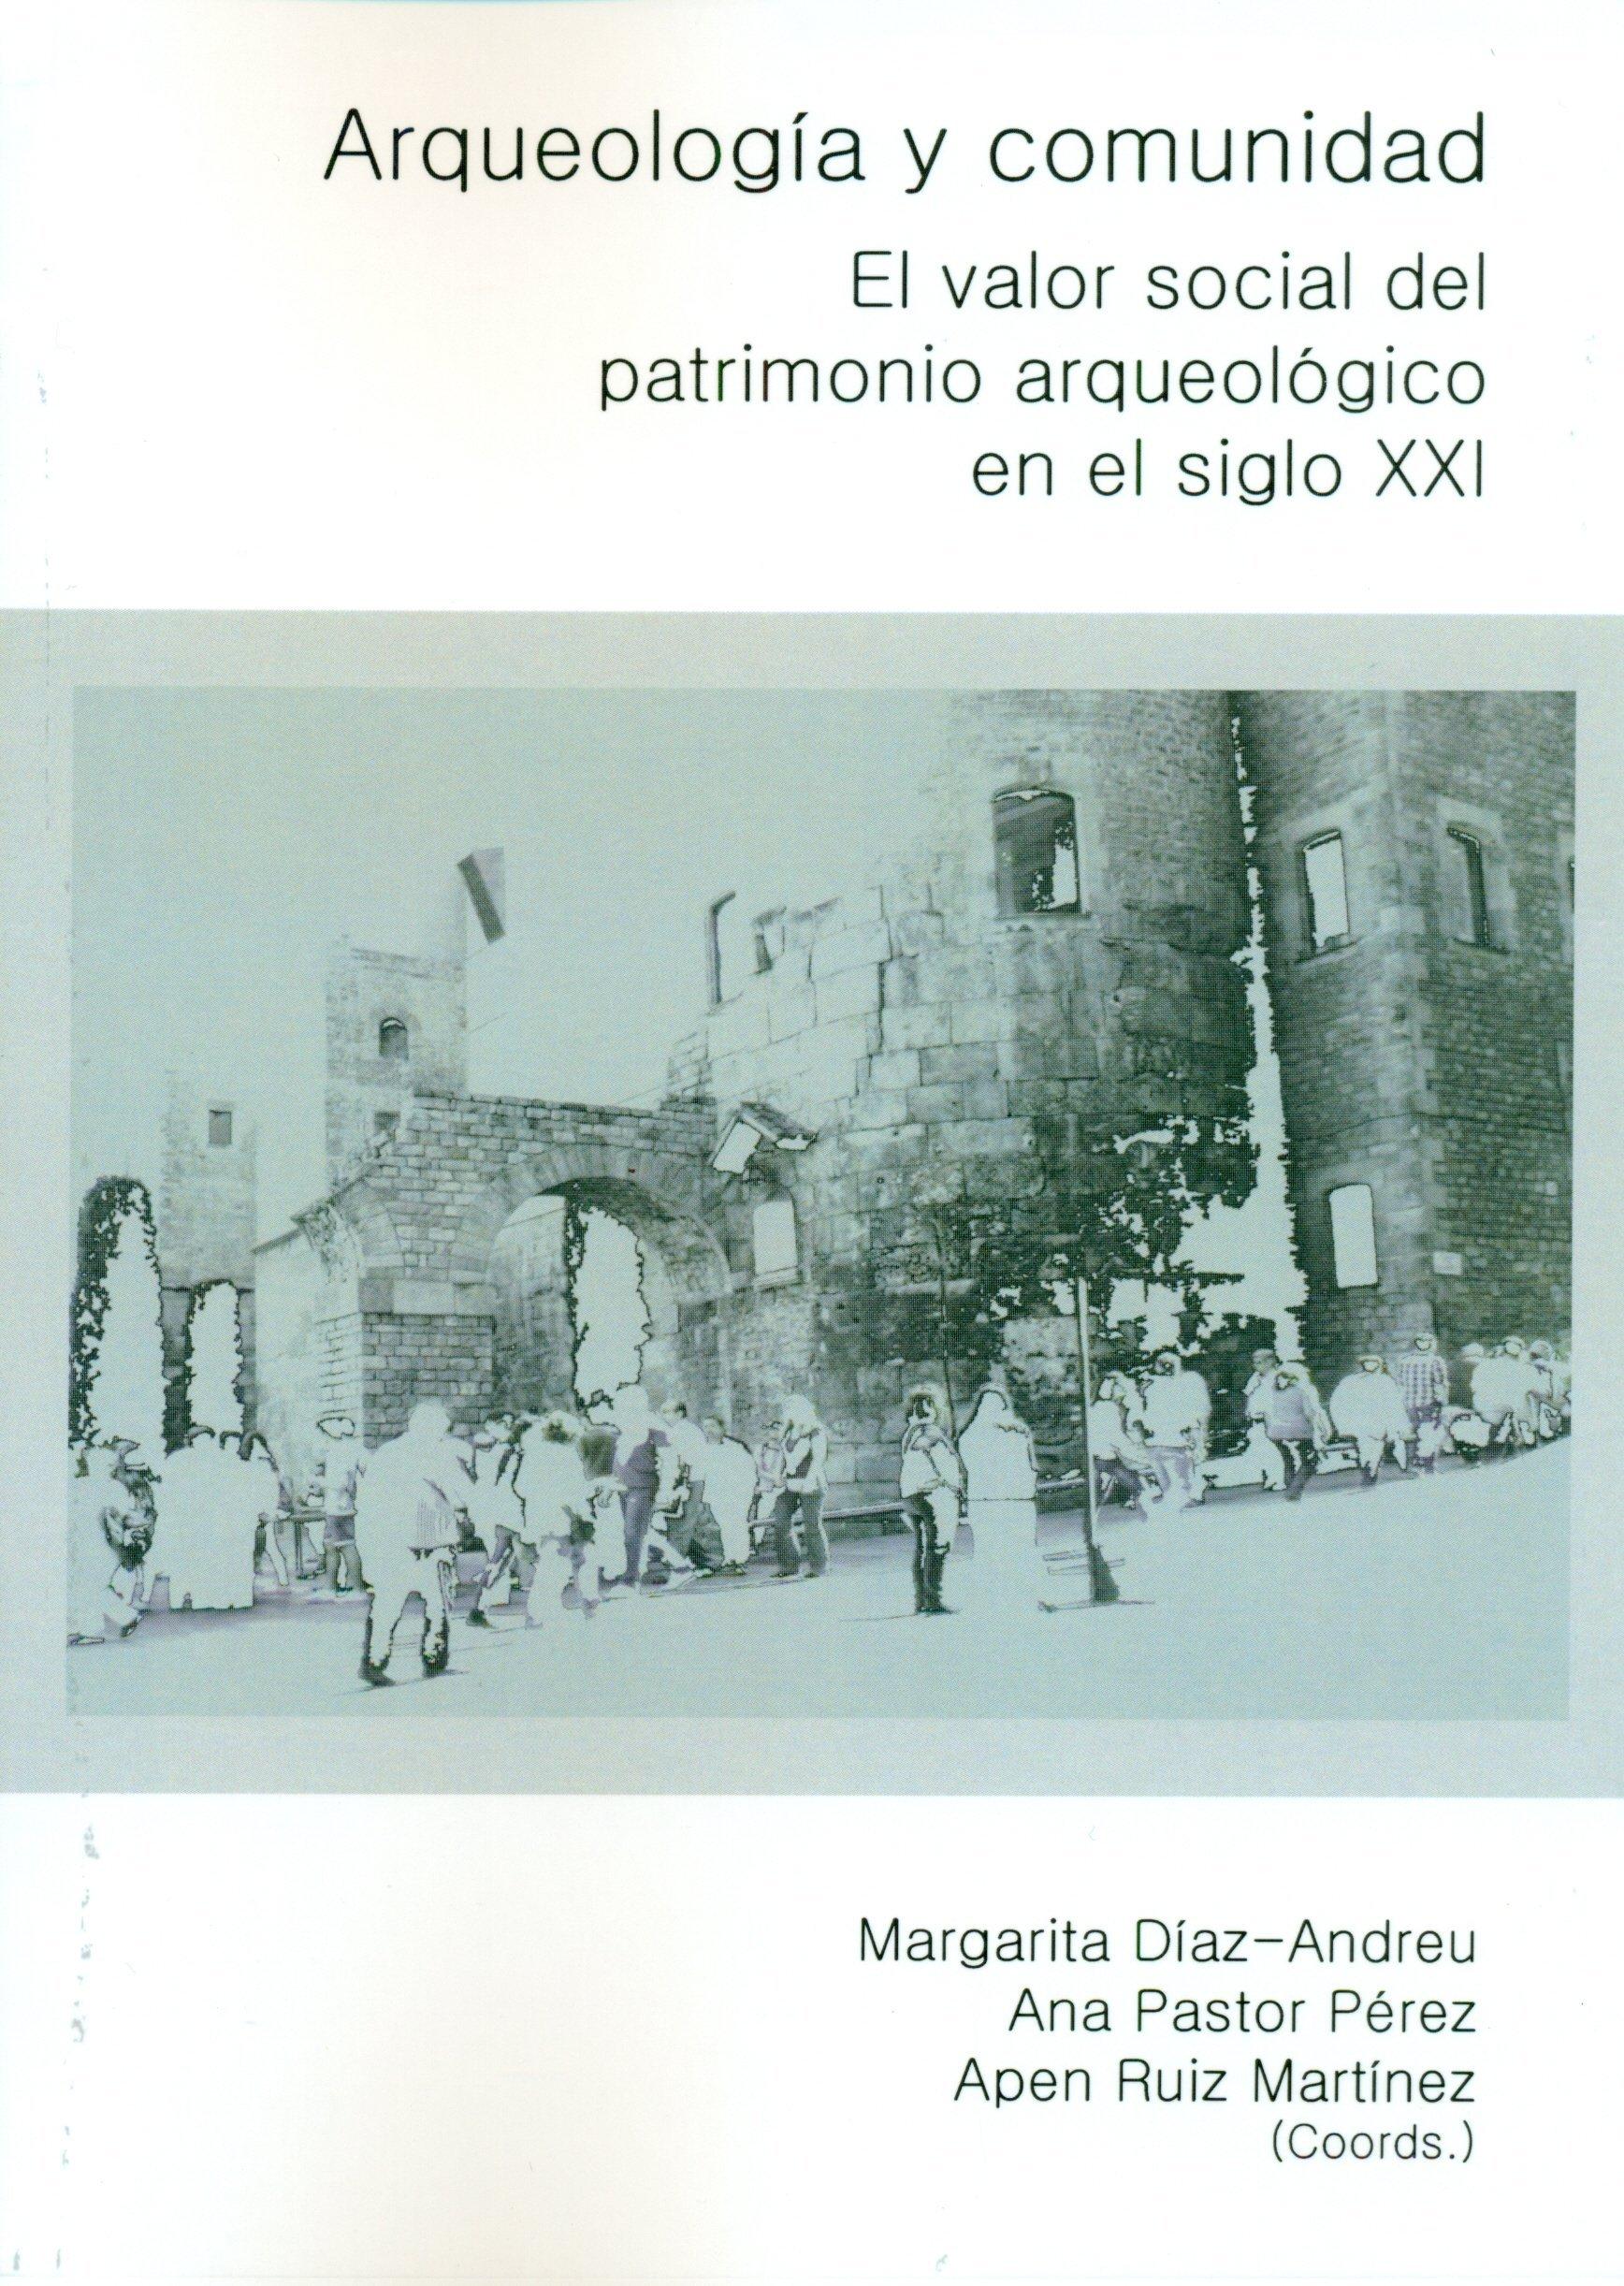 Arqueología y comunidad. El valor social del patrimonio arqueológico en el siglo XXI